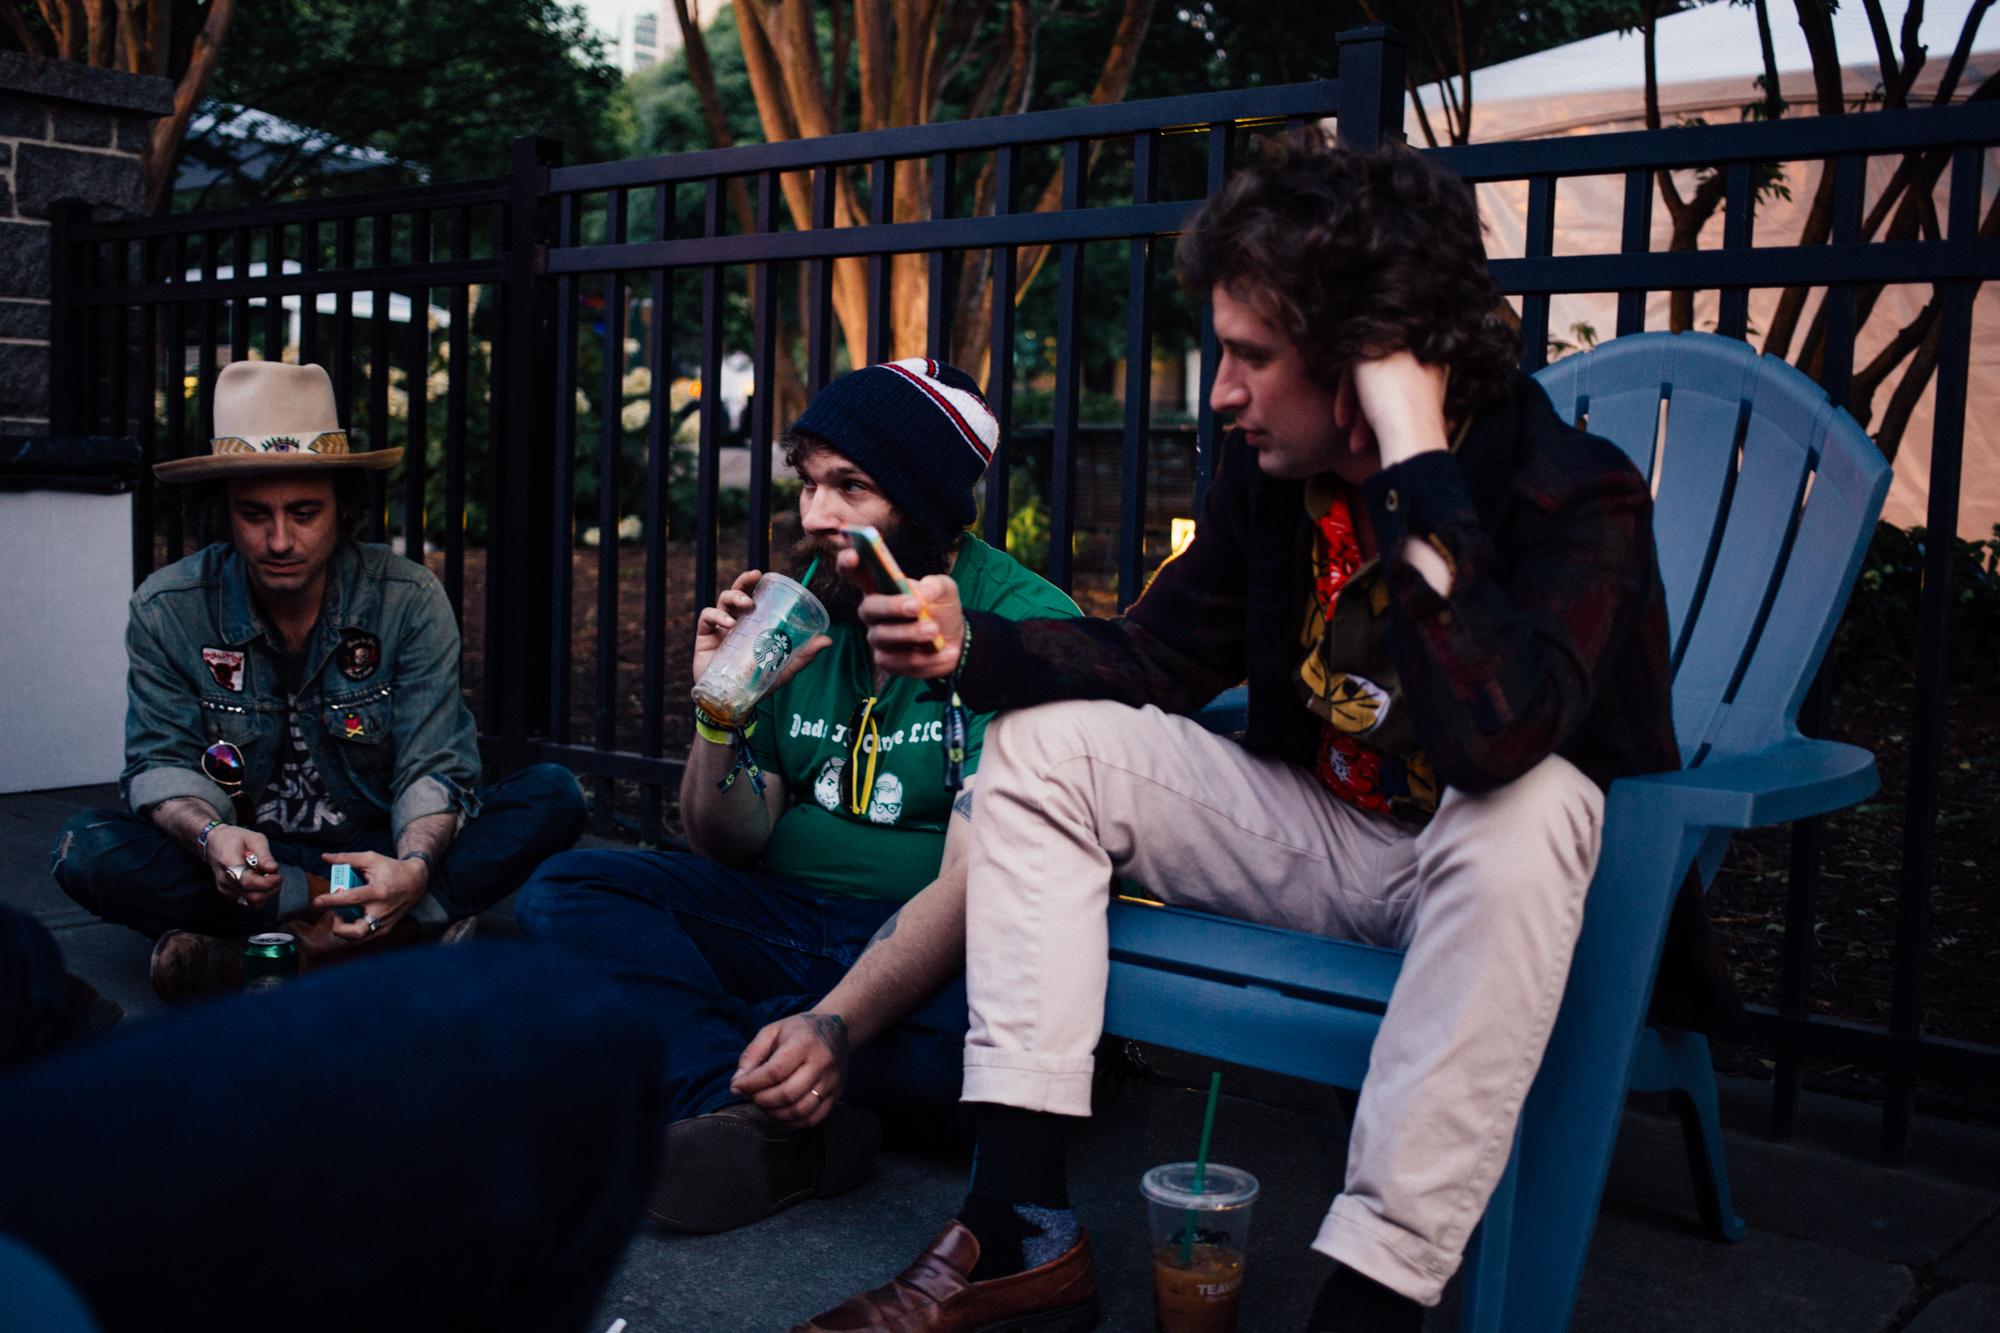 Ricky Ray Jackson, Dennis Ryan + Ian O'neill